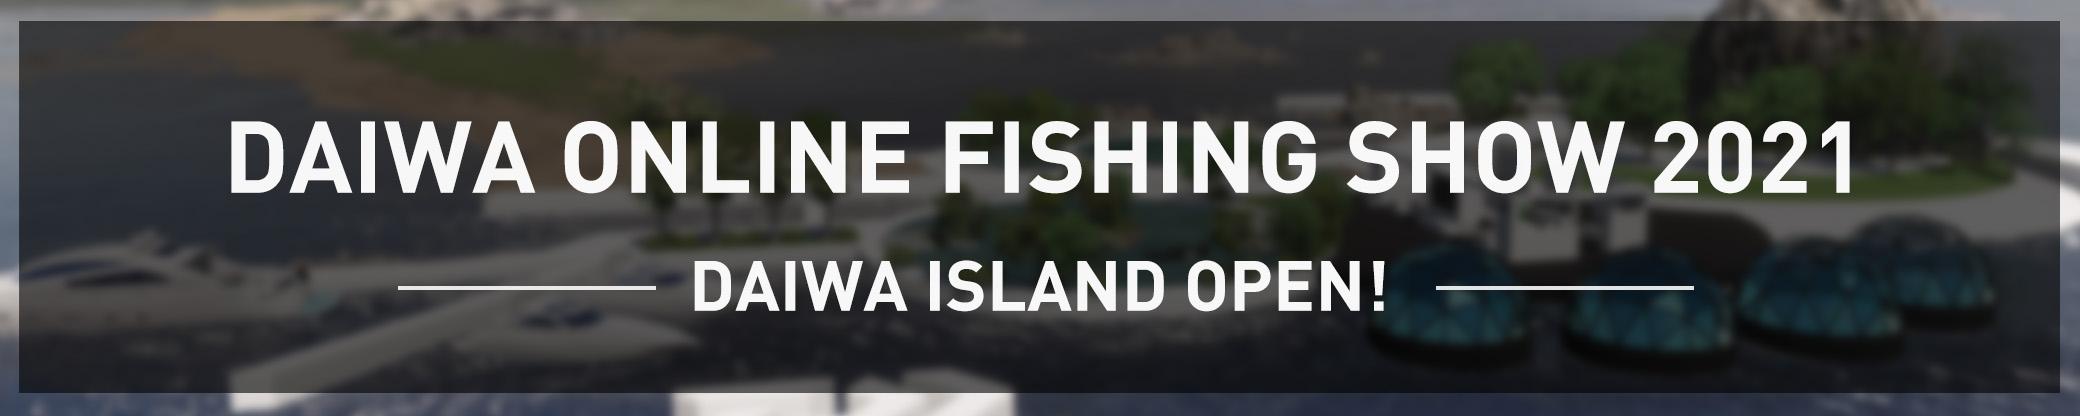 DAIWA ONLINE FISHING SHOW 2021